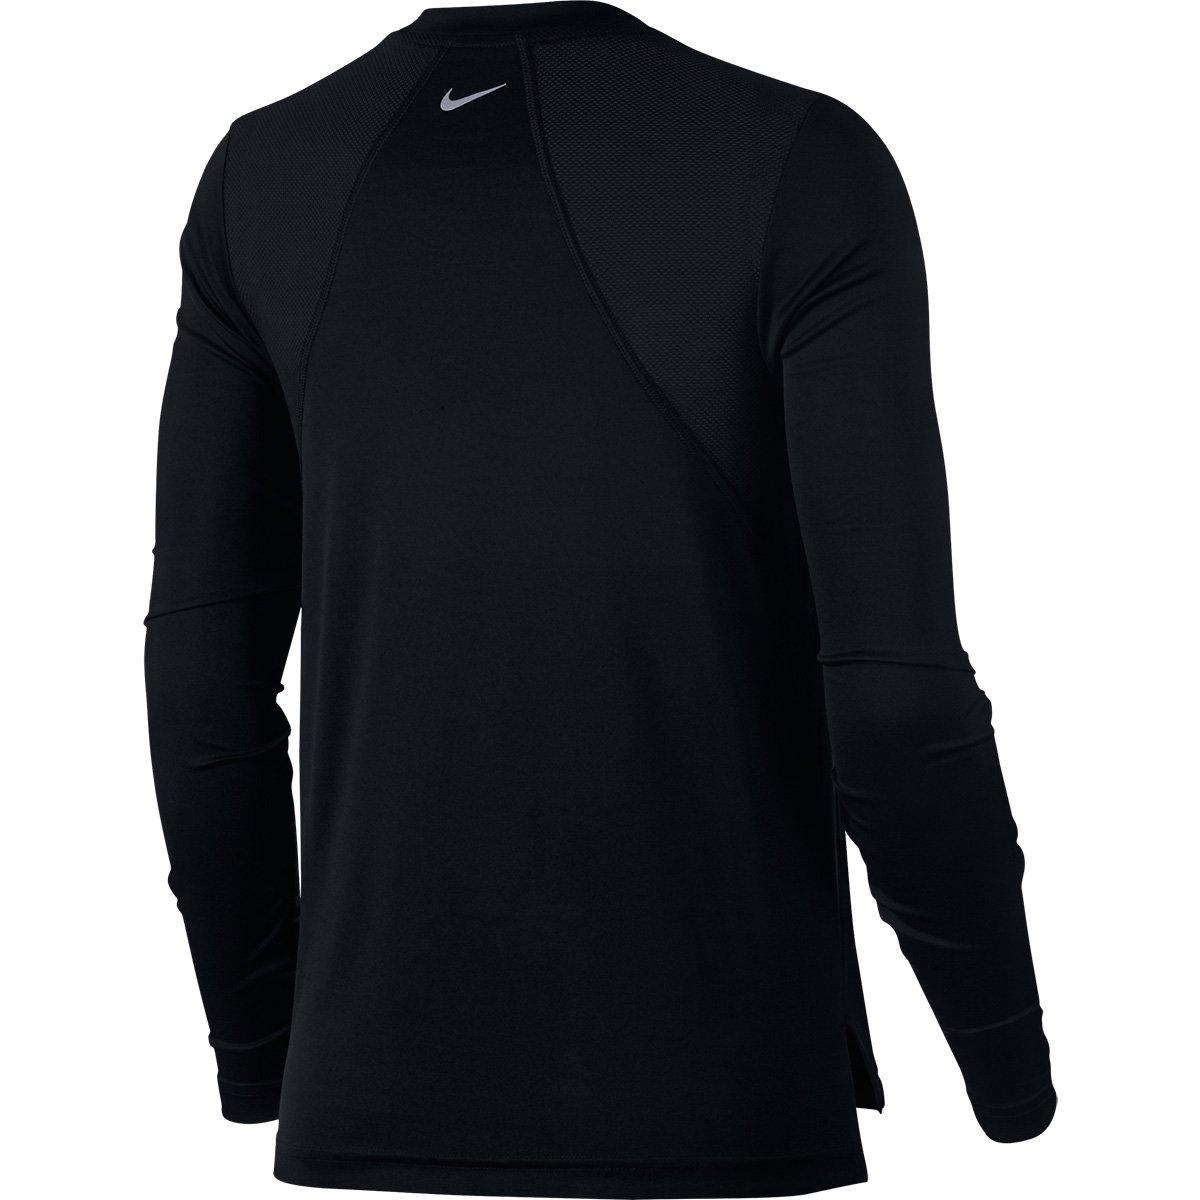 Camiseta Nike Miler Manga Longa Feminina - Preto - Compre Agora ... a42ac0d9d3e5a